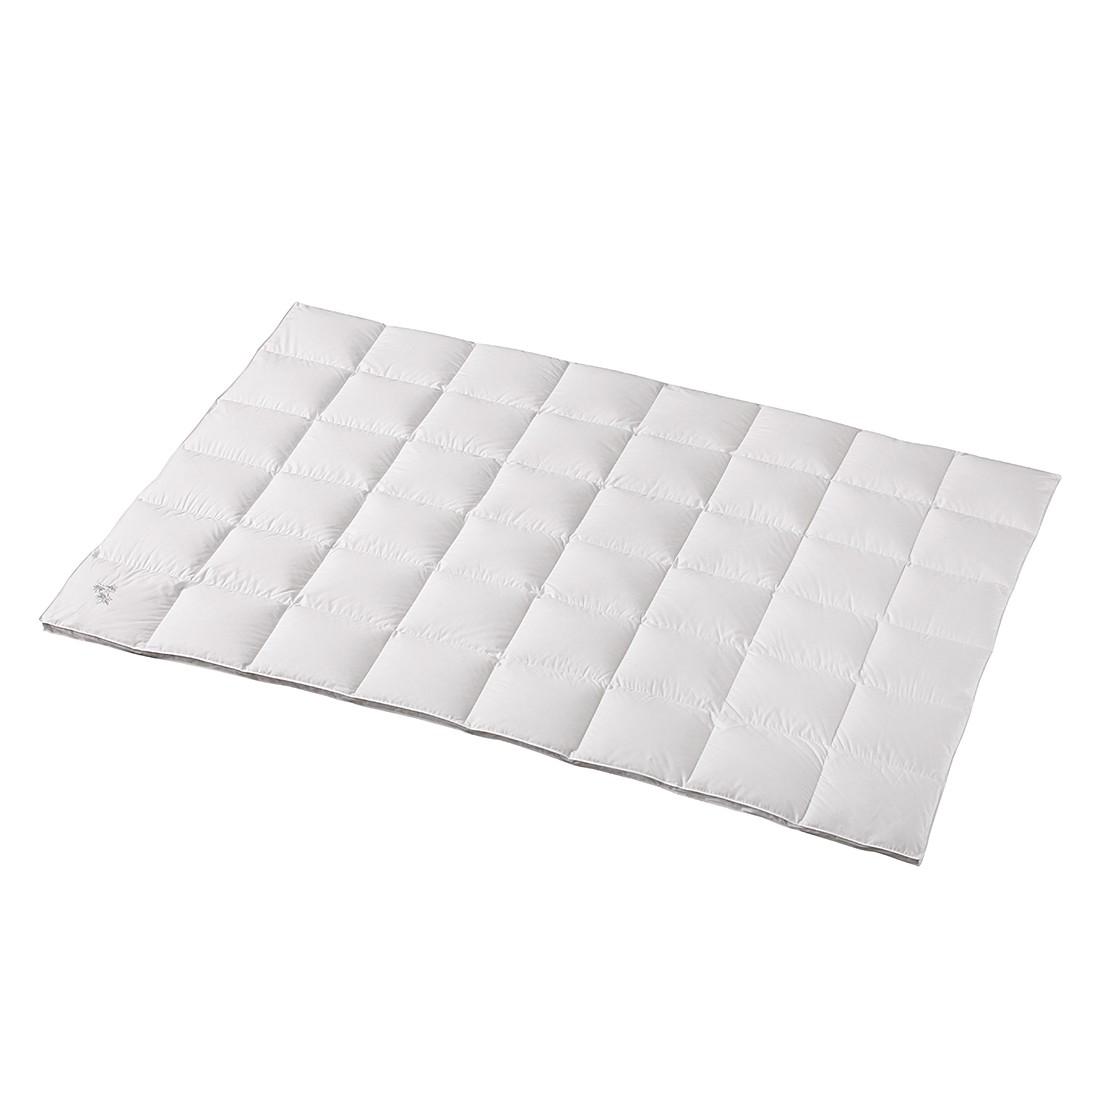 Bettdecke White Goose – 155 x 200 cm – Extra warm – Kassettendecke, Balette jetzt kaufen